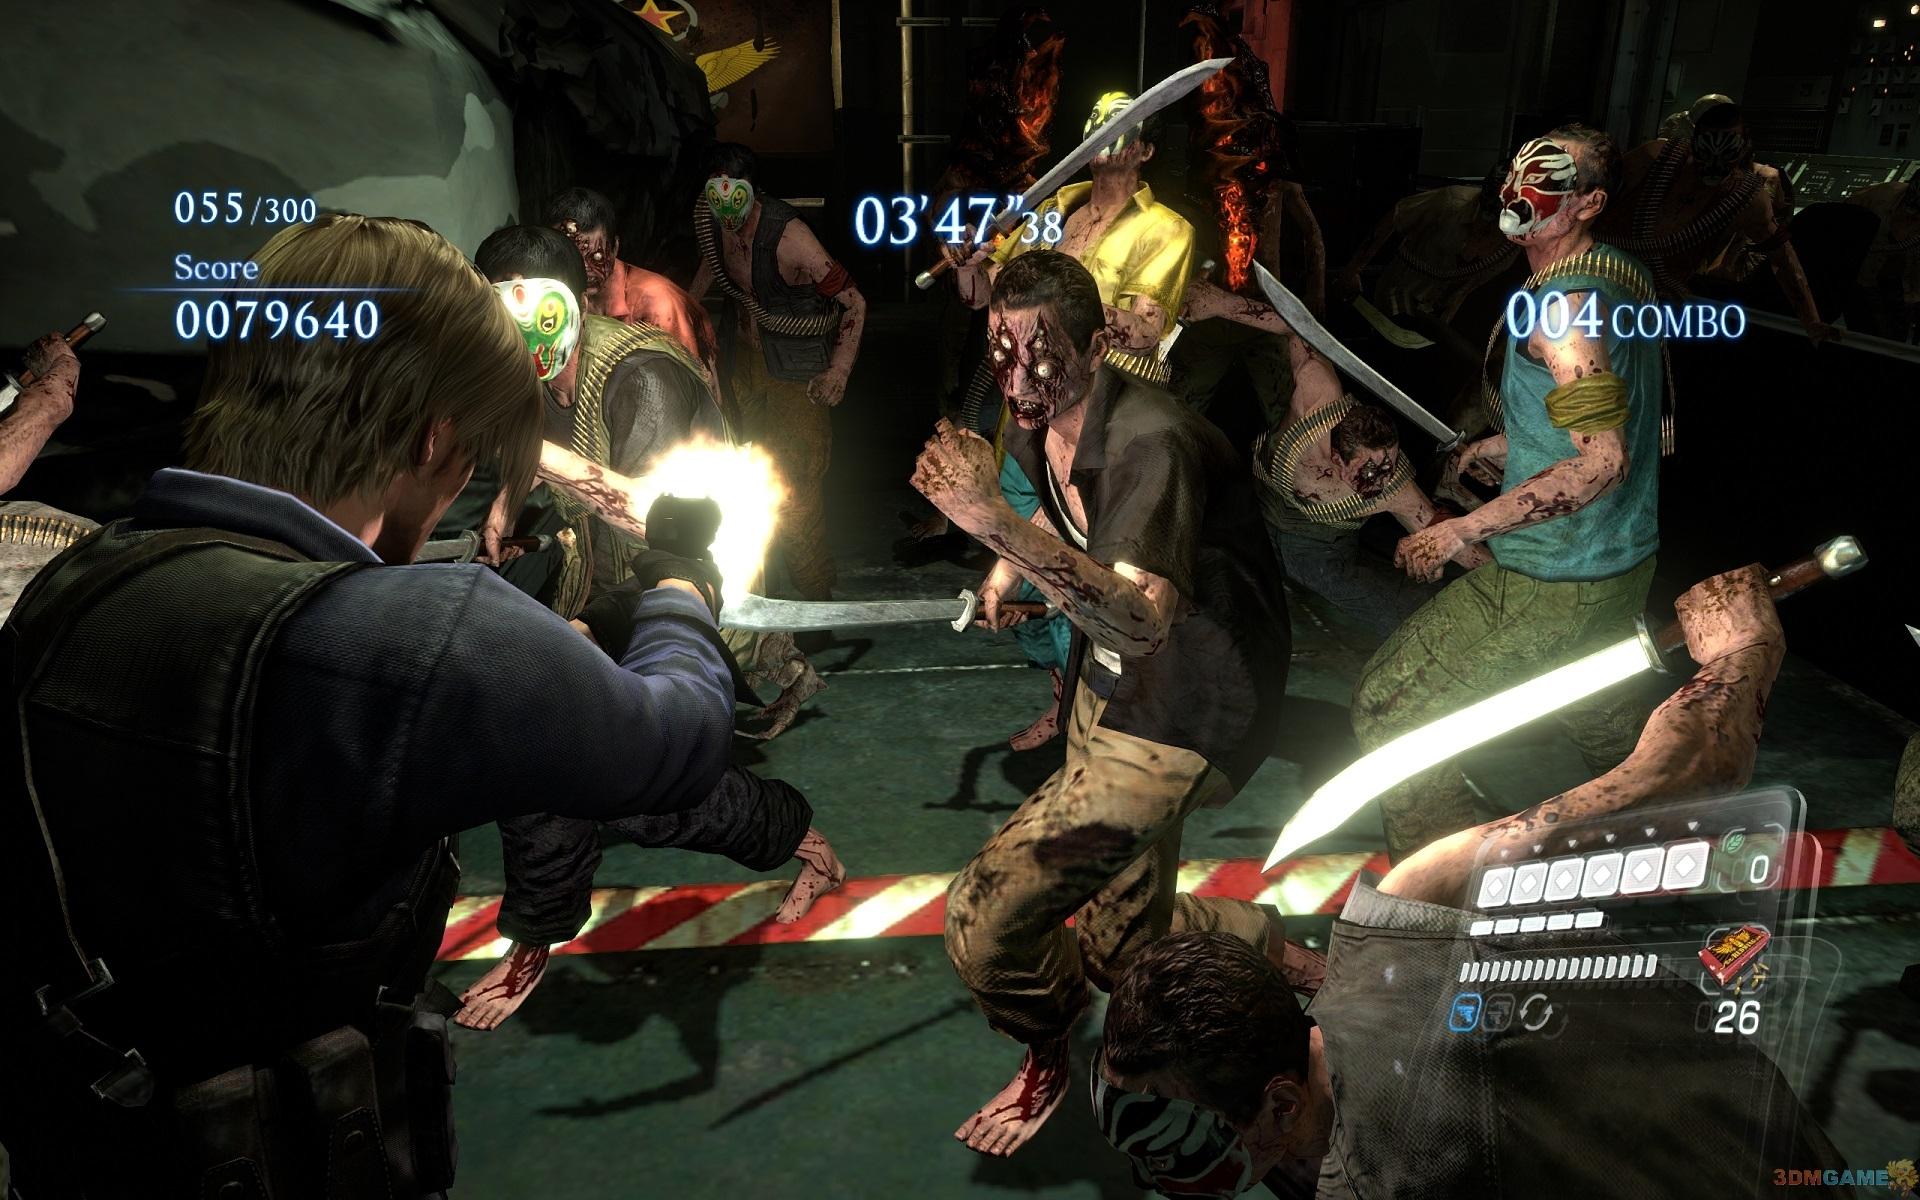 生化危机3游戏操作_PC版《生化危机6》独占模式确认 更多游戏截图公布_3DM单机